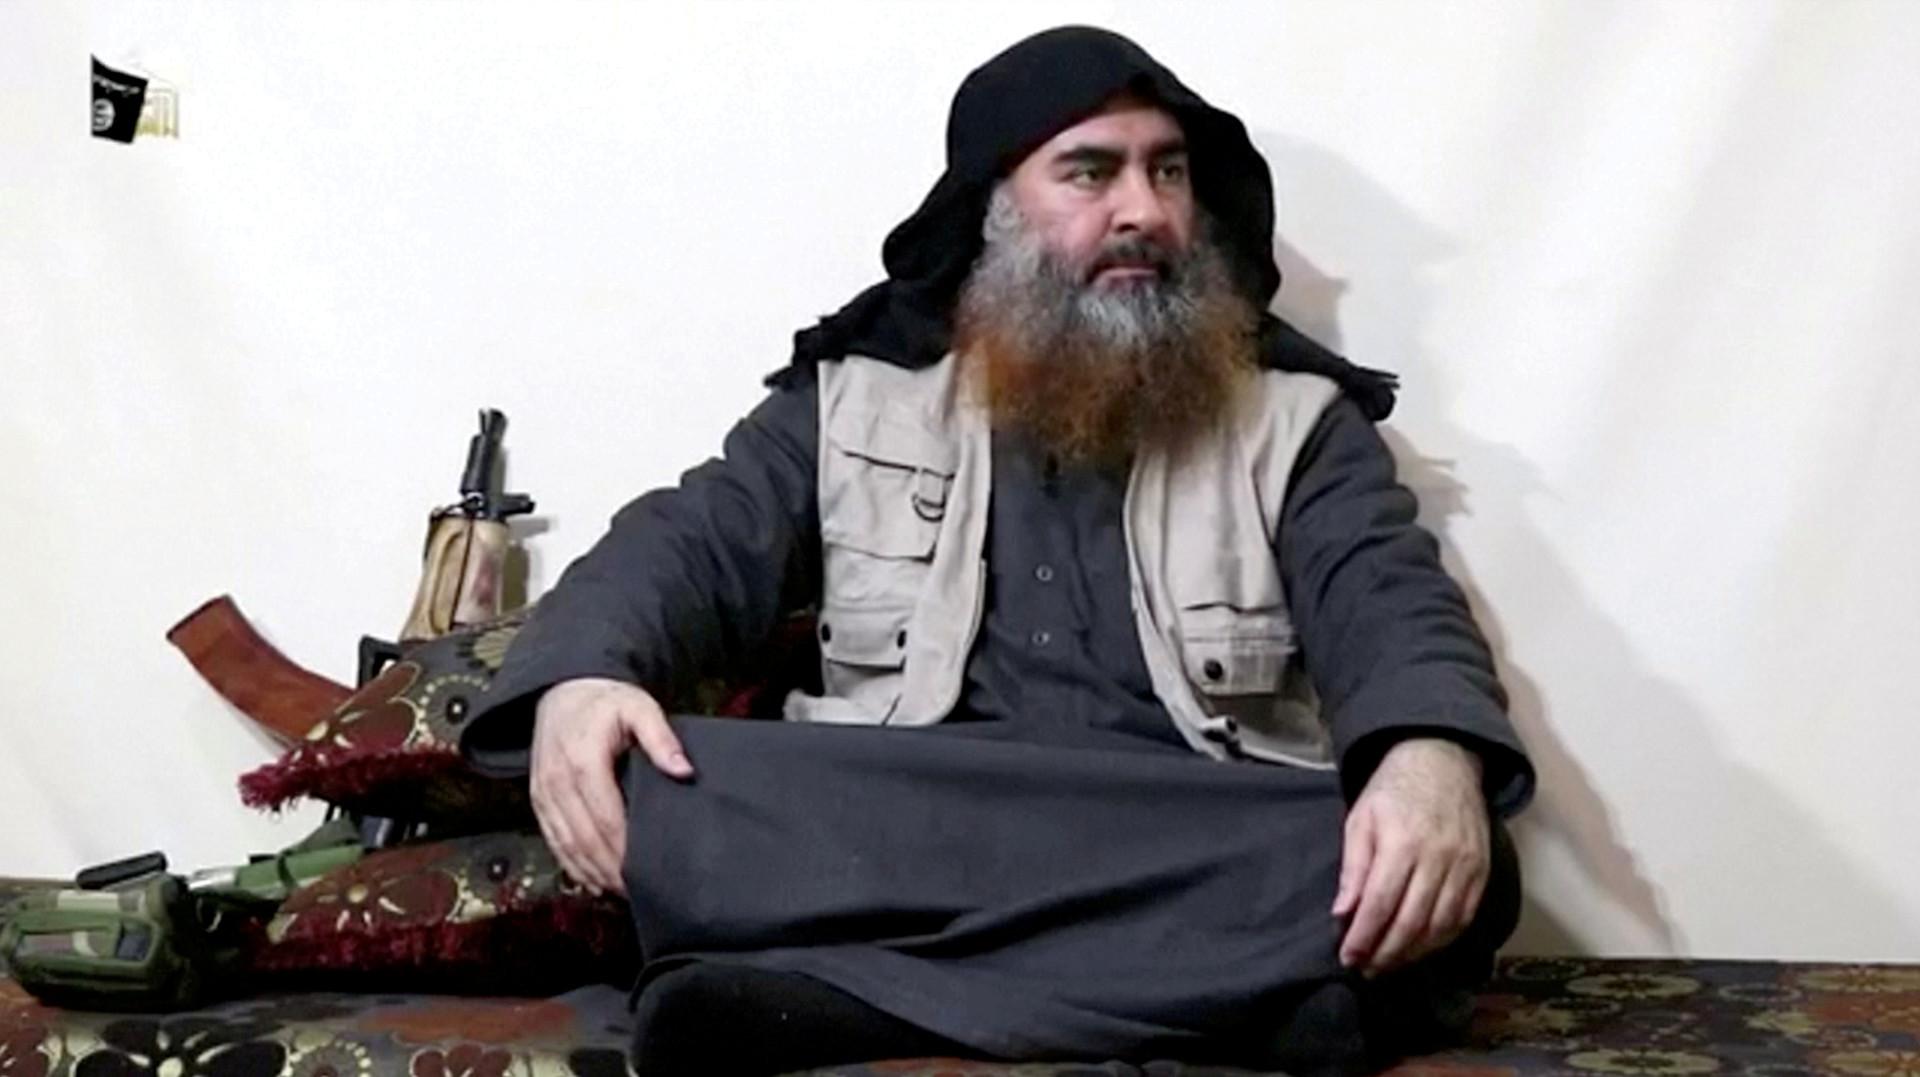 الاستخبارات العسكرية العراقية: البغدادي يتنقل بين سوريا والعراق